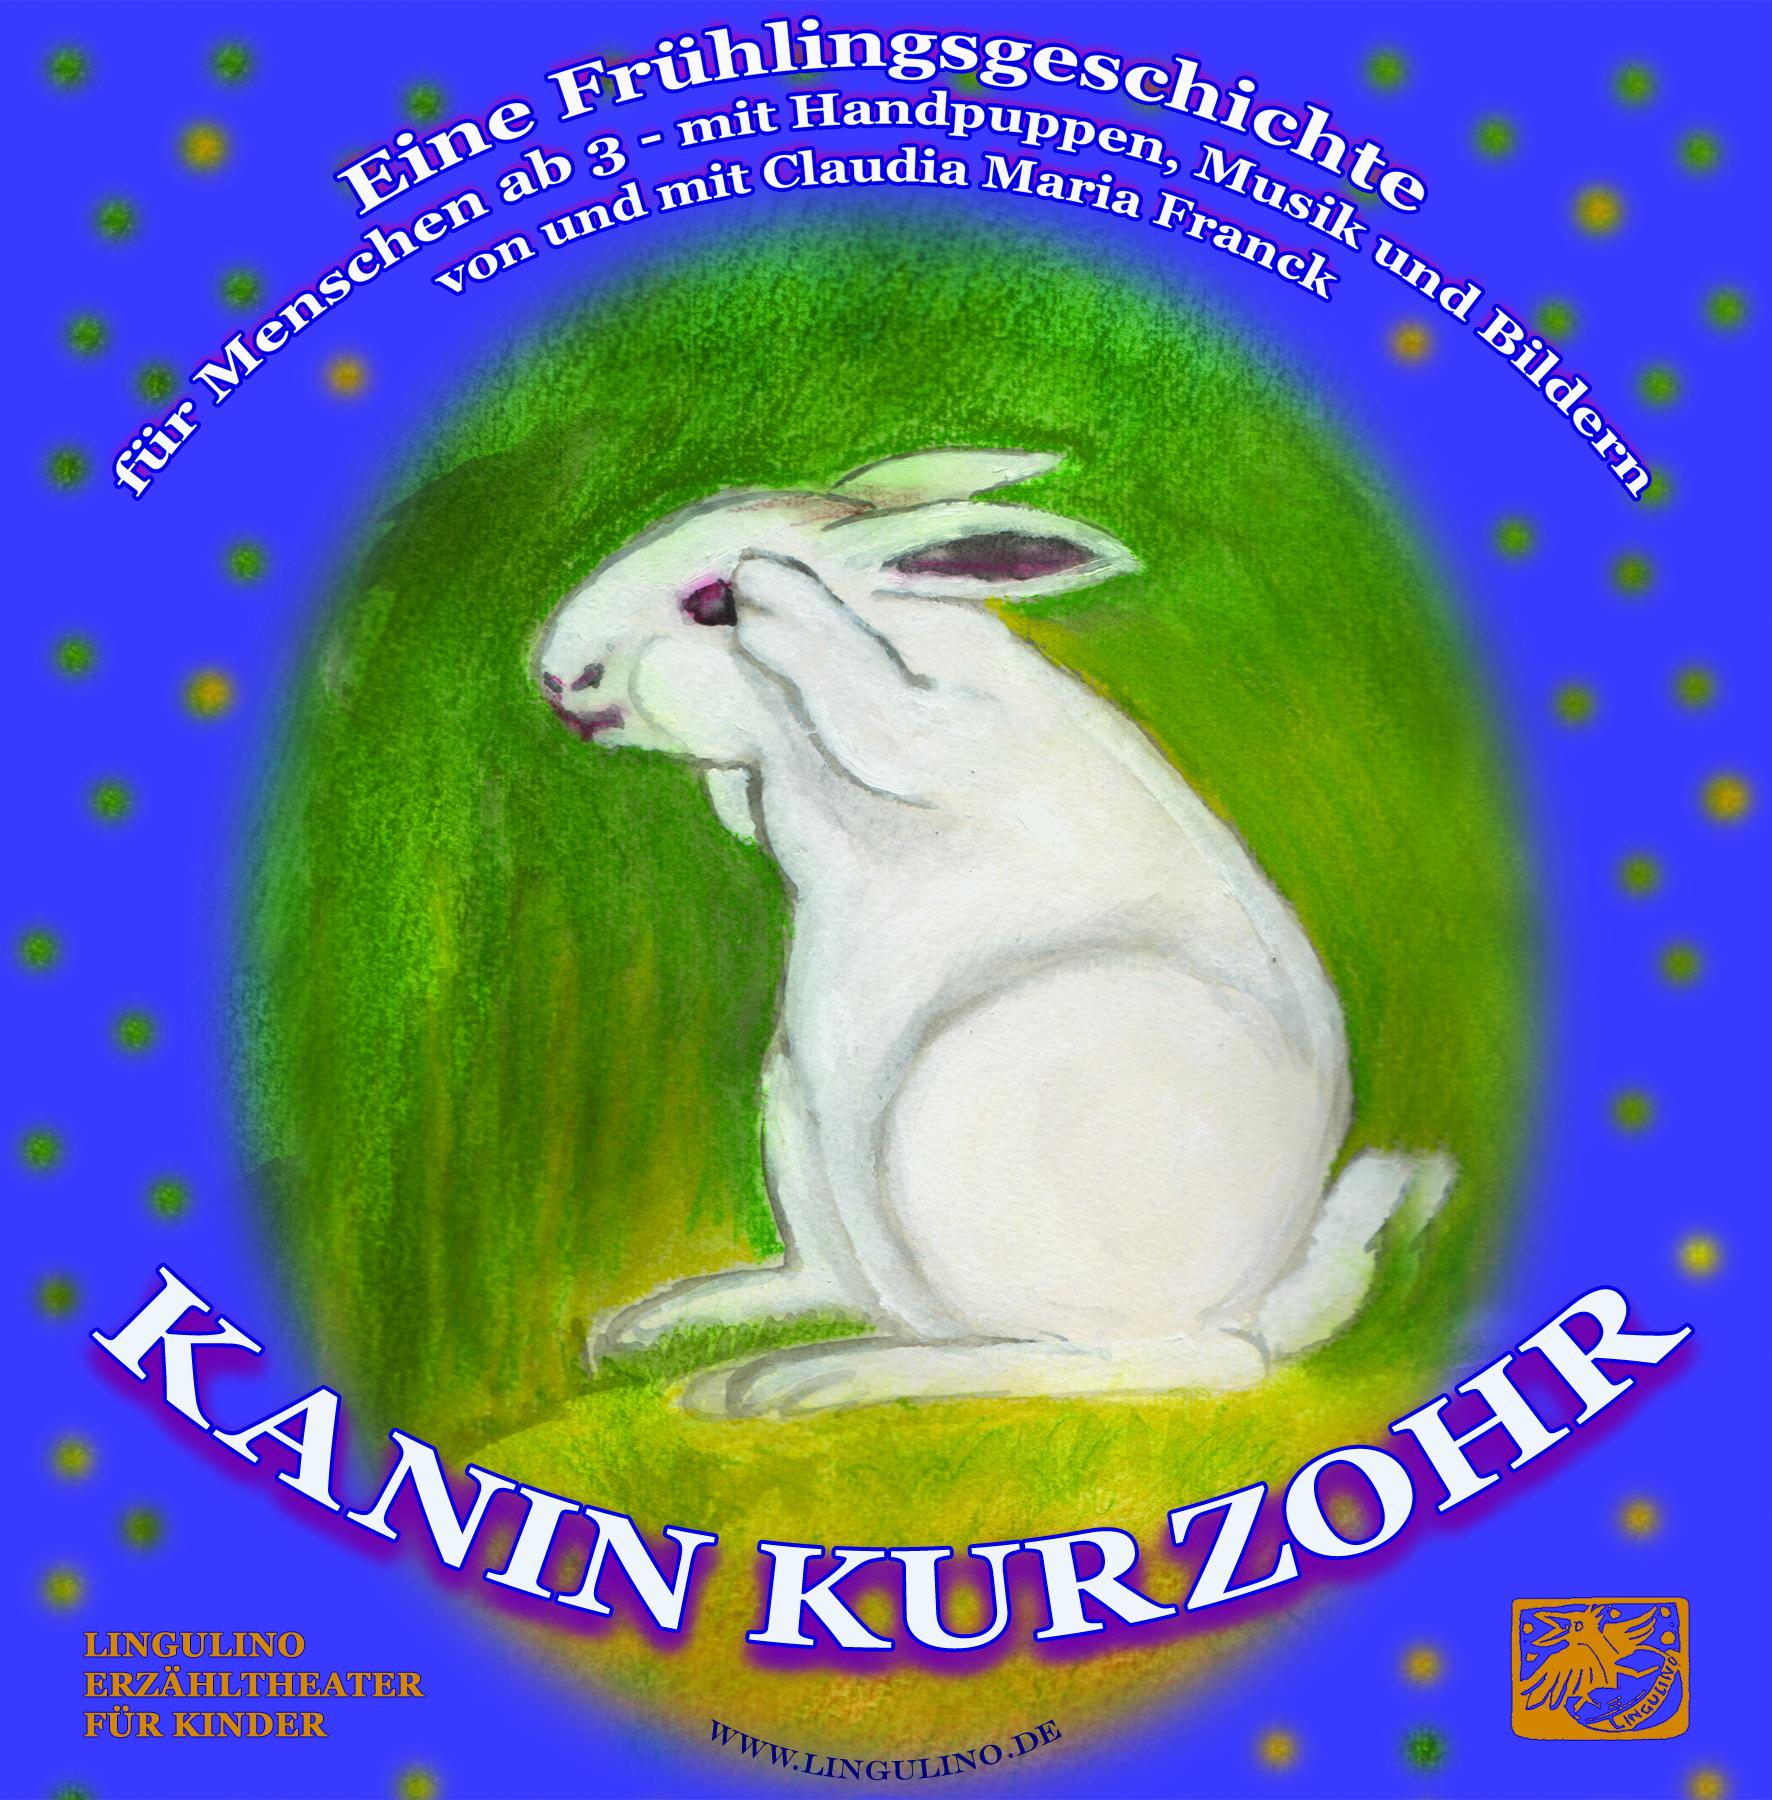 Kanin Kurzohr Plakat LINGULINO